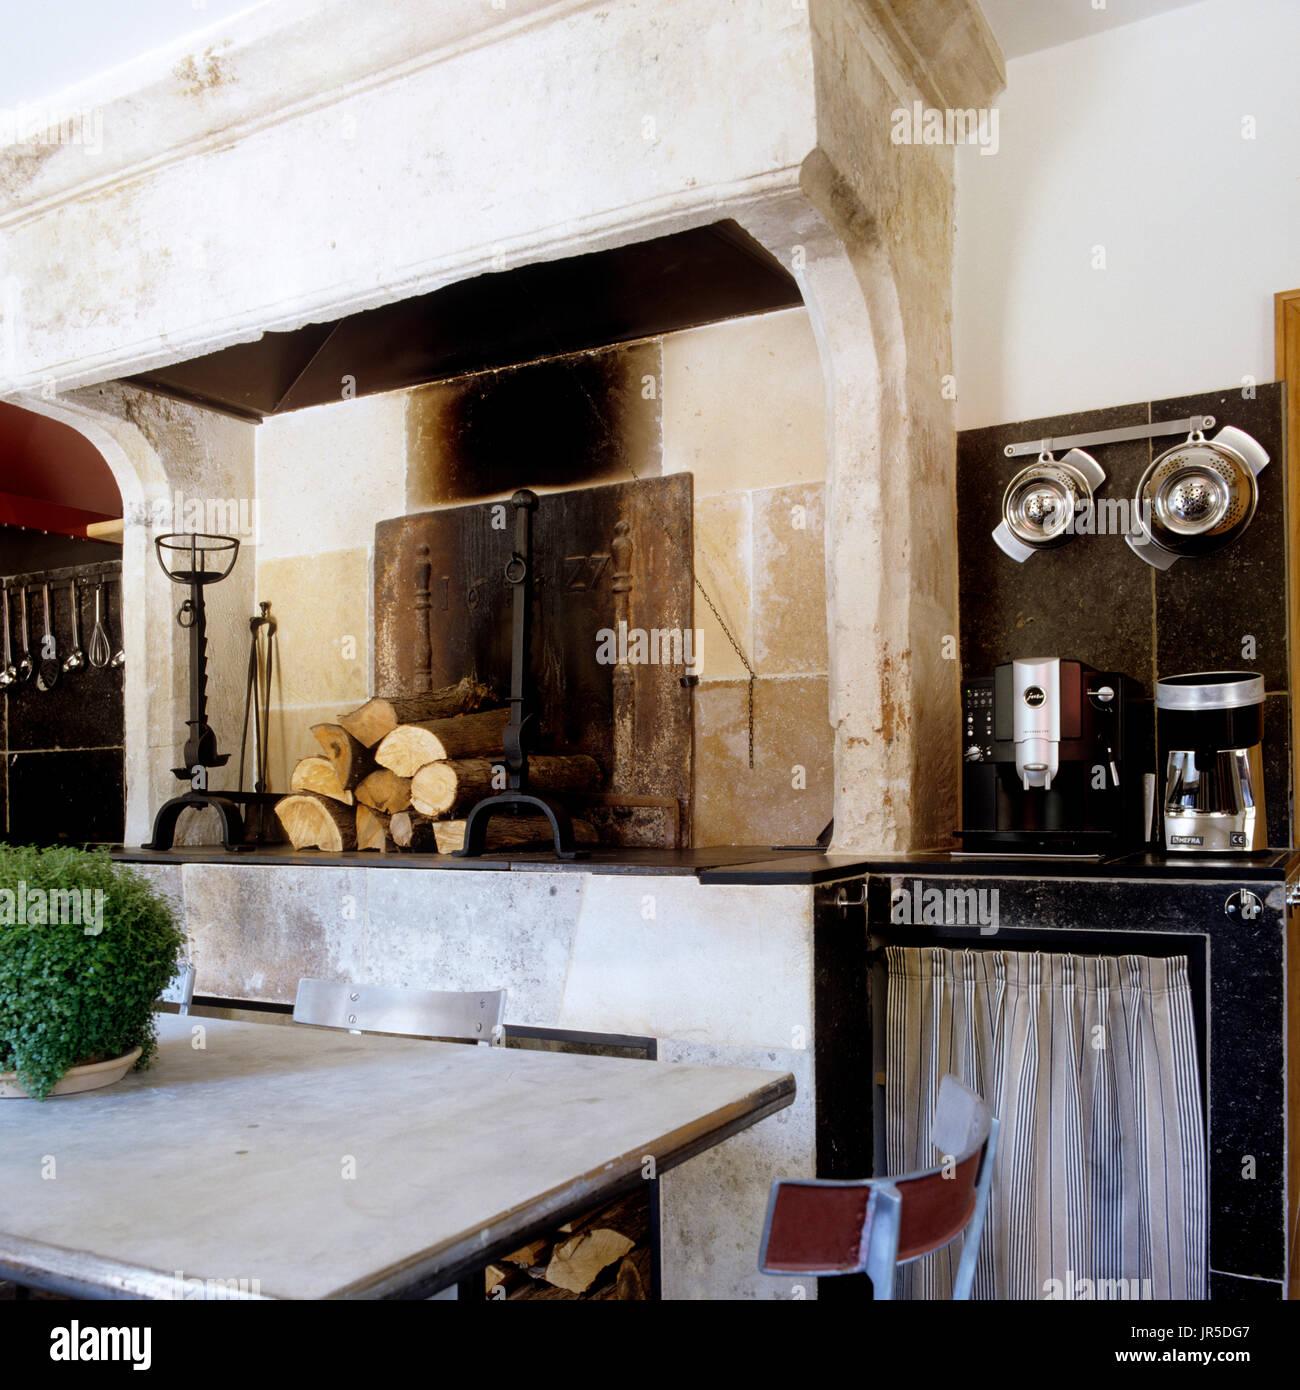 R Stico Estilo Industrial Cozinha E Sala De Jantar Foto Imagem De